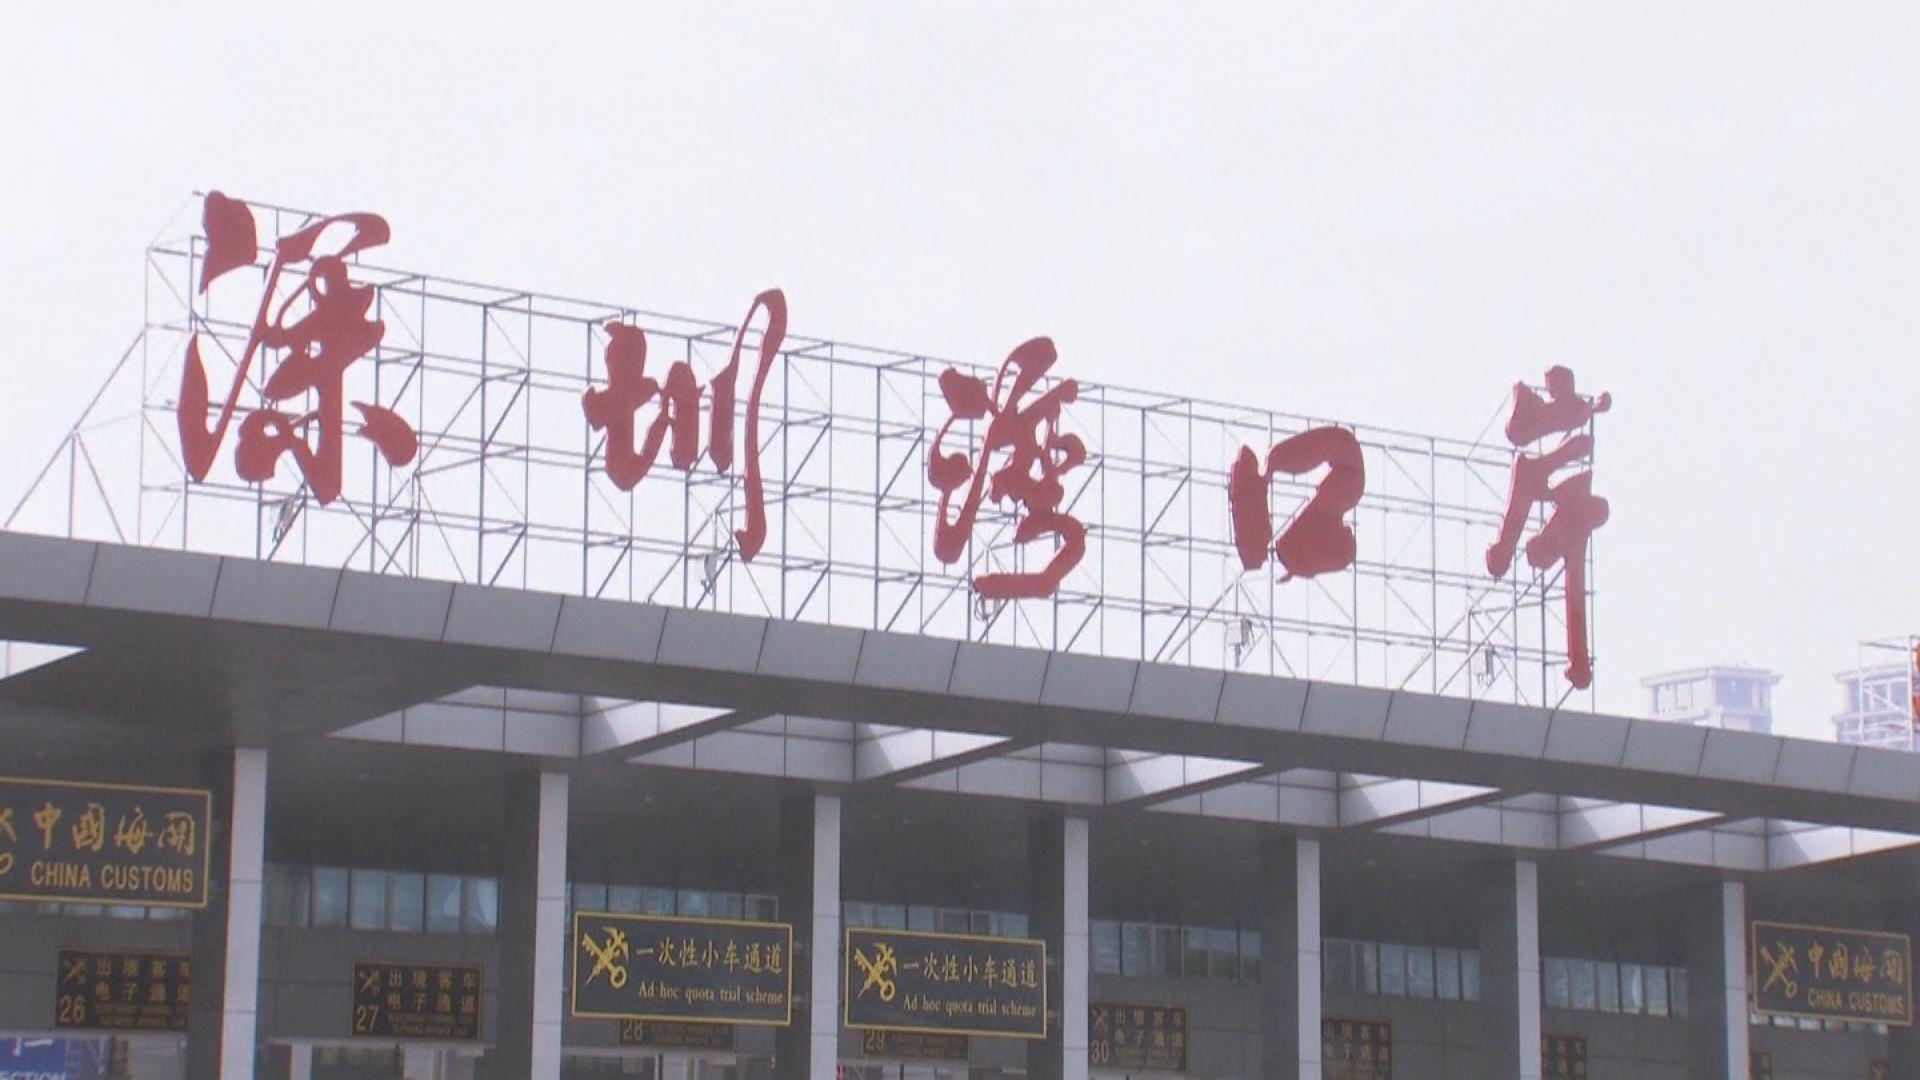 運輸署宣布周六起暫停粵港跨境巴士服務